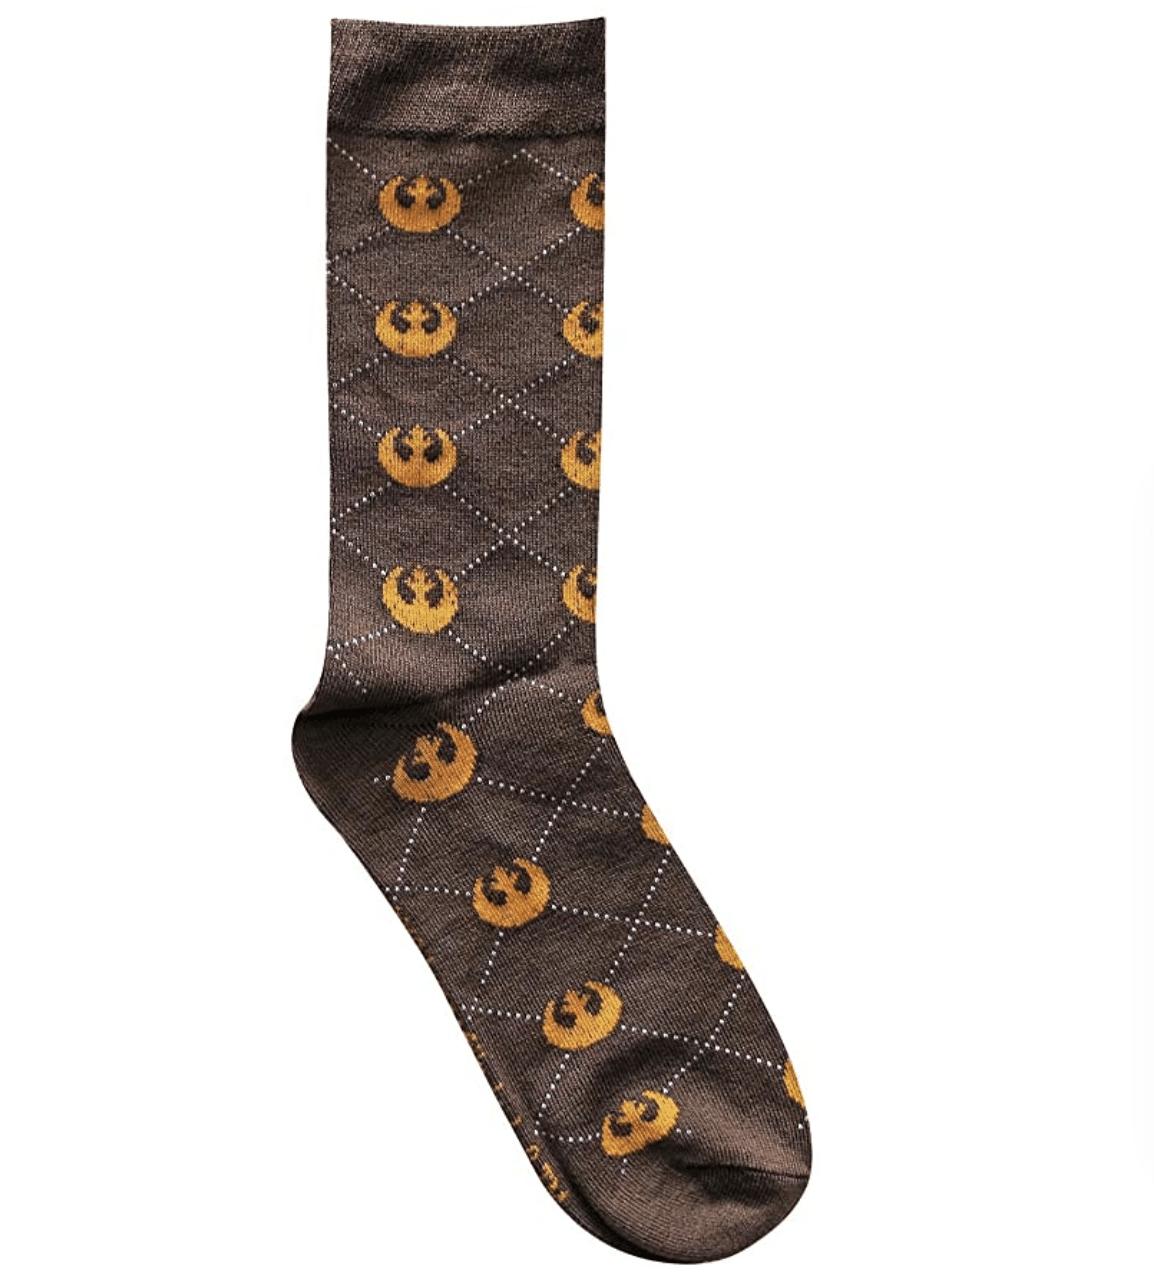 star-wars-gifts-for-men-socks